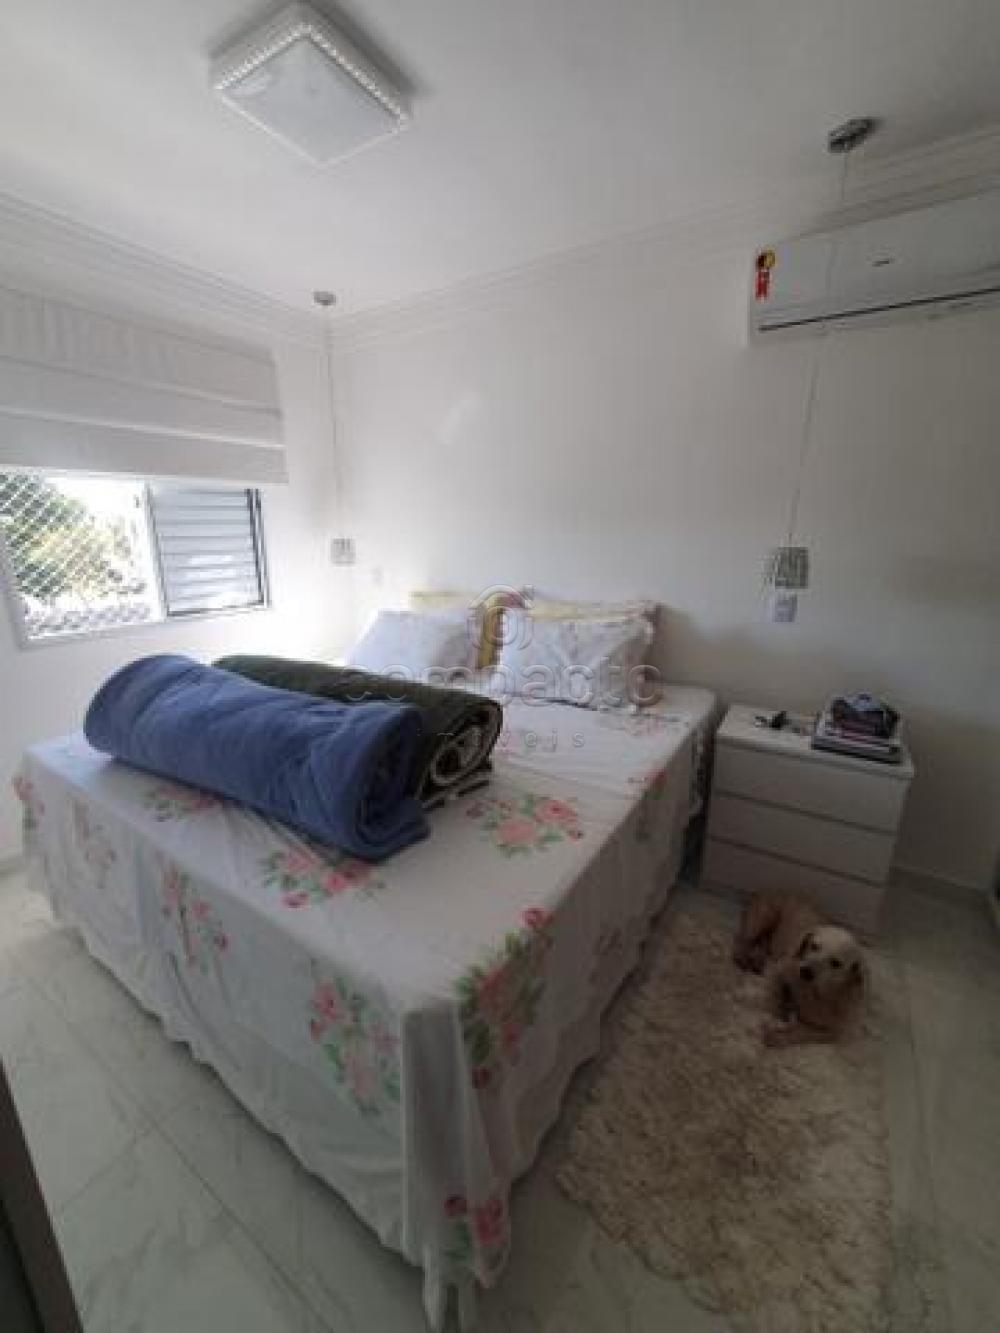 Comprar Casa / Condomínio em São José do Rio Preto apenas R$ 535.000,00 - Foto 10